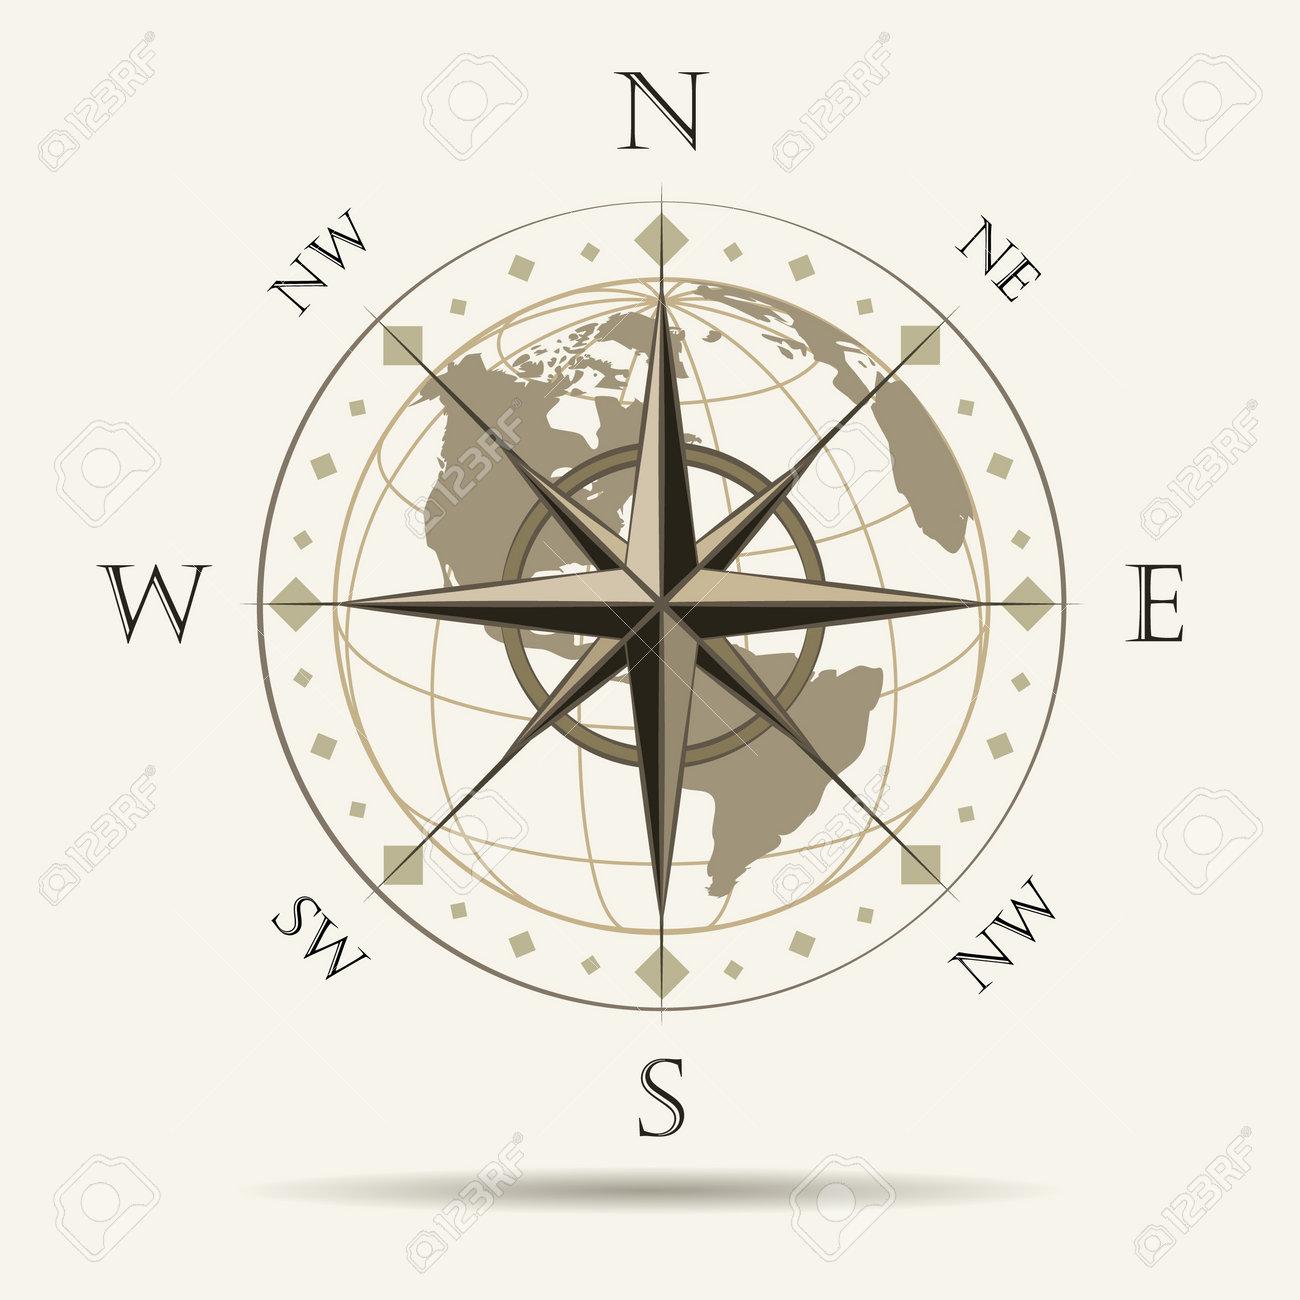 Navigation Emblem of Wind Rose. vector Illustration. - 166432420